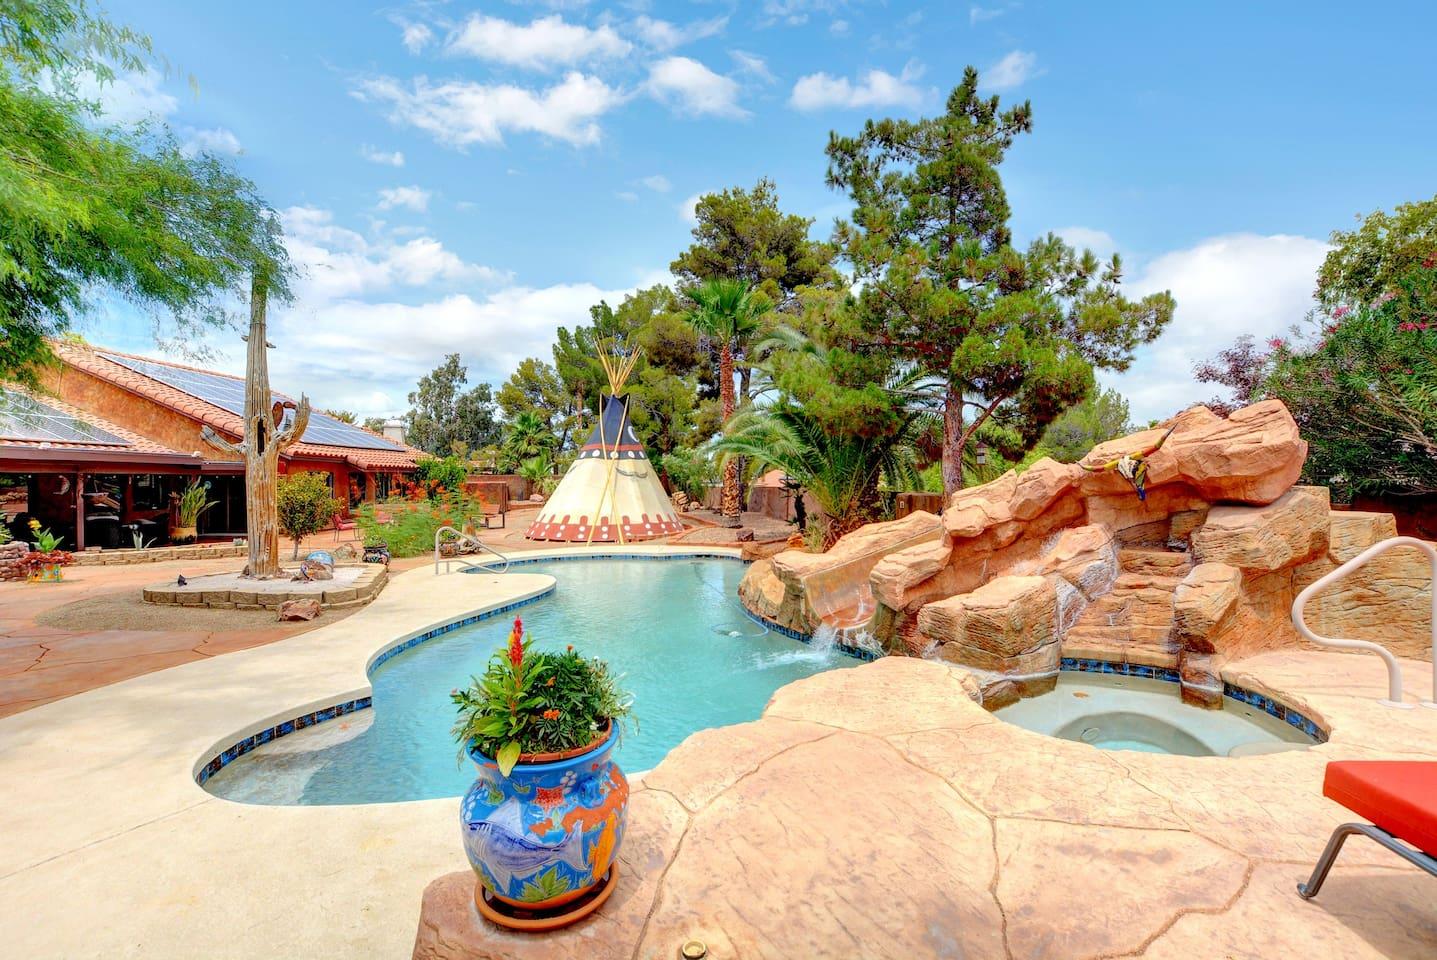 Luxury Henderson Airbnb rental in Las Vegas area